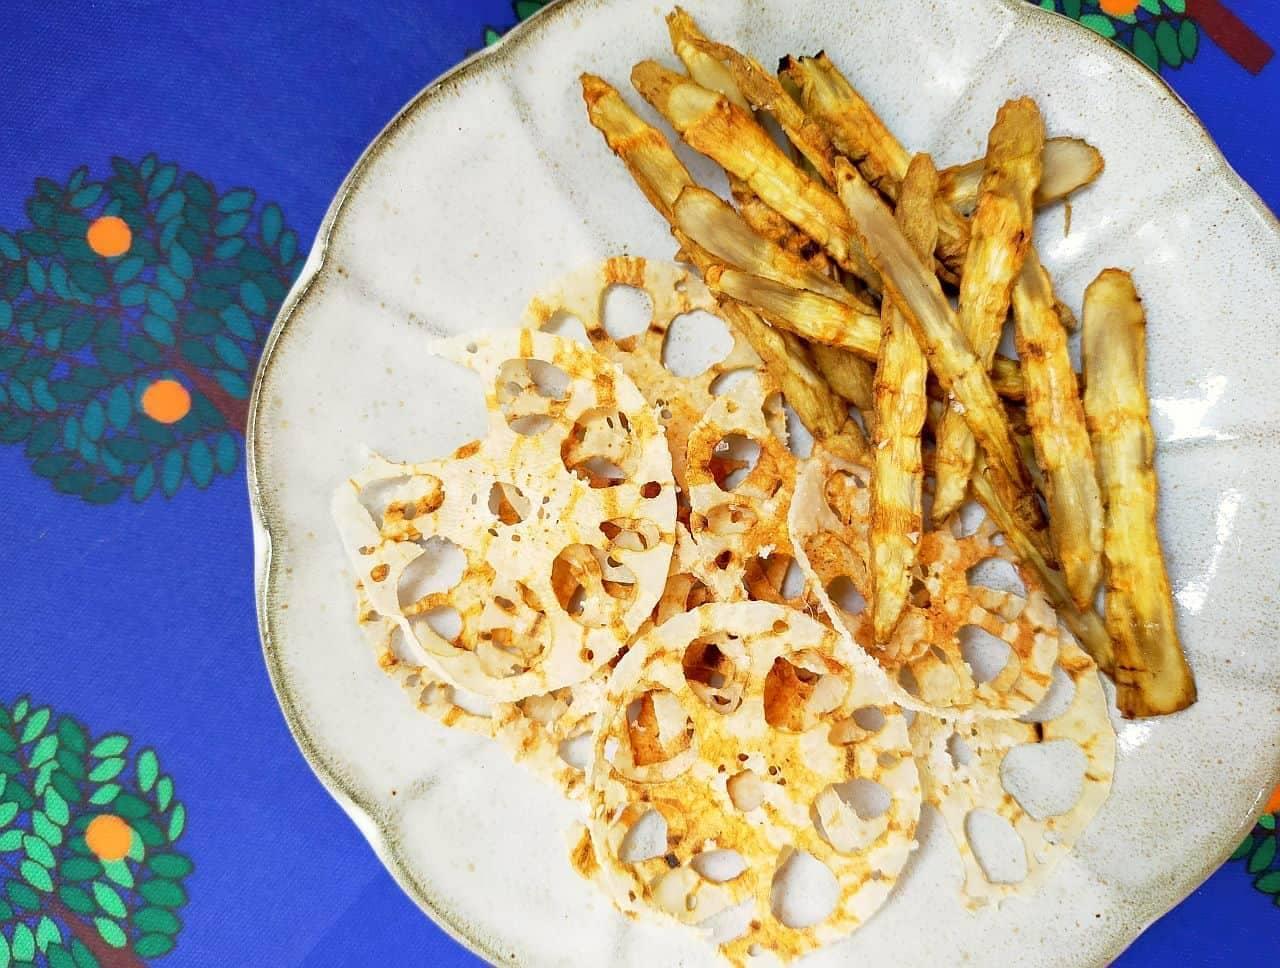 「根菜チップス」のヘルシーレシピ